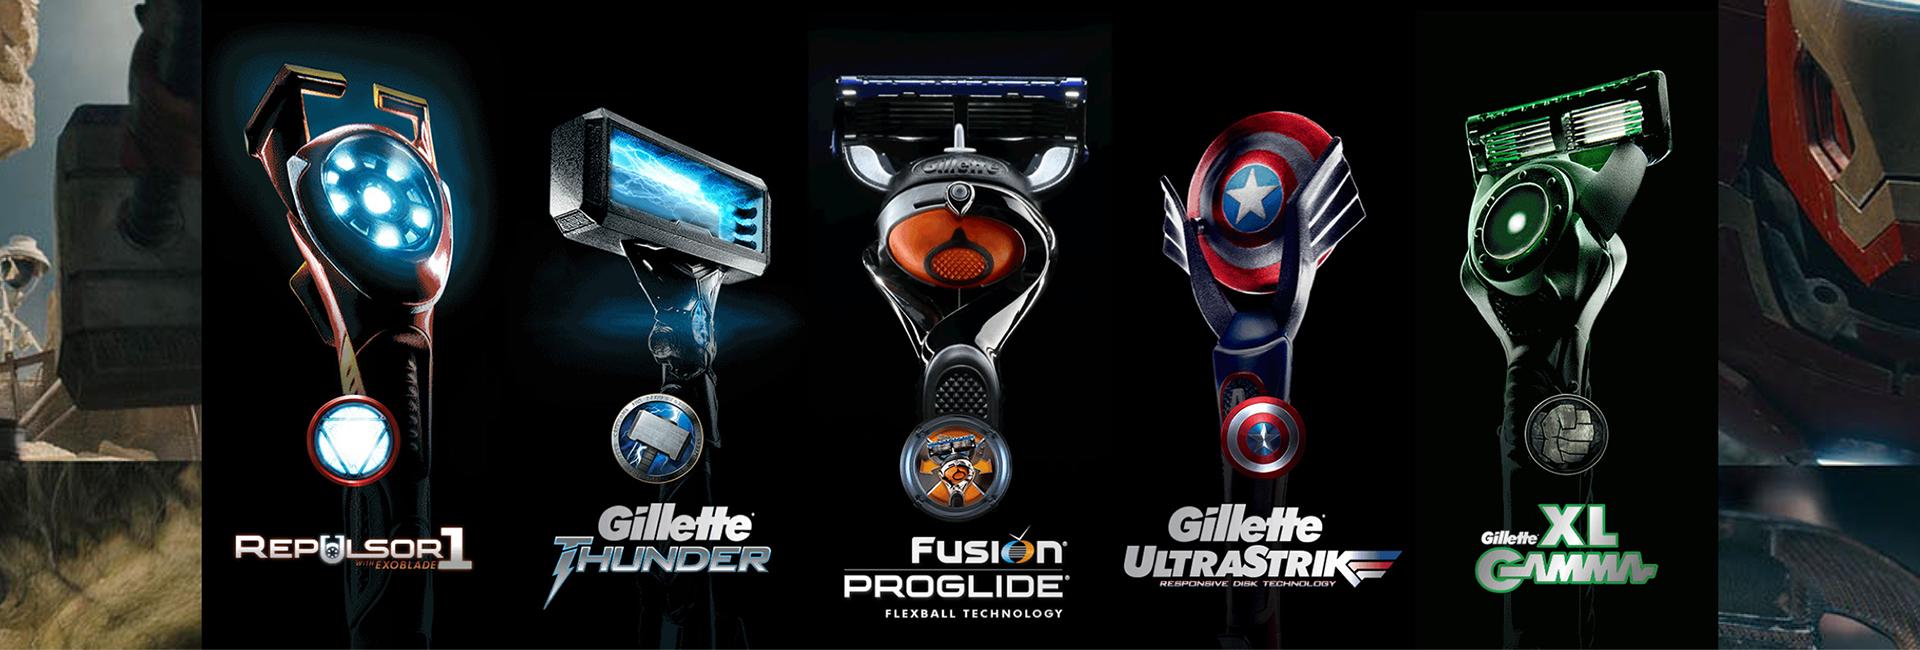 Gillette dote ses rasoirs de super-pouvoirs